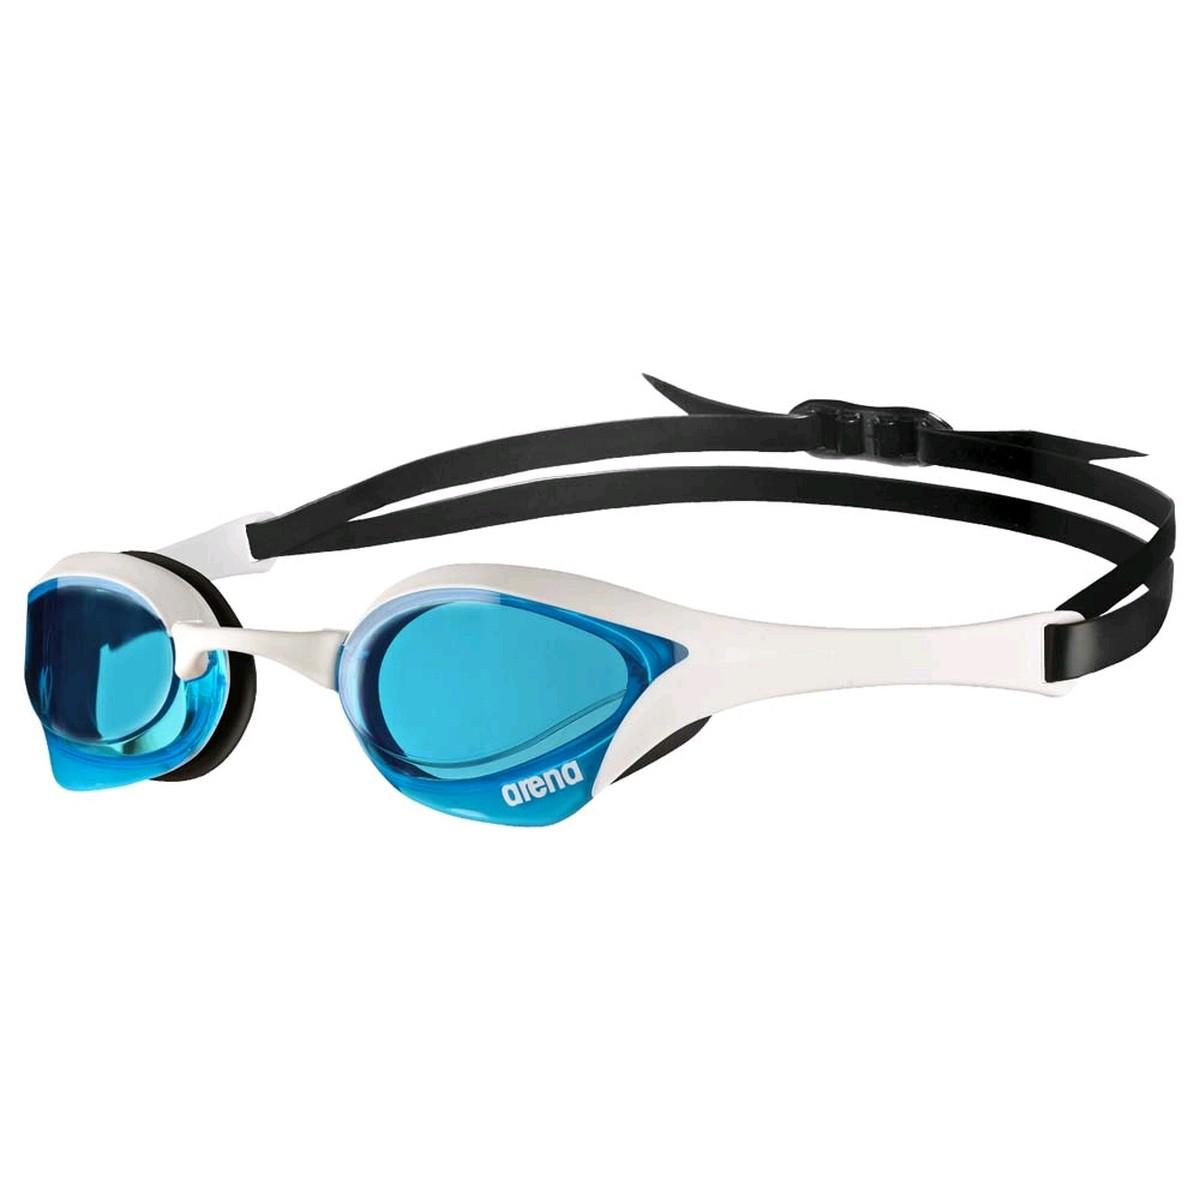 Очки для плавания Arena Cobra Ultra (1E033-010)